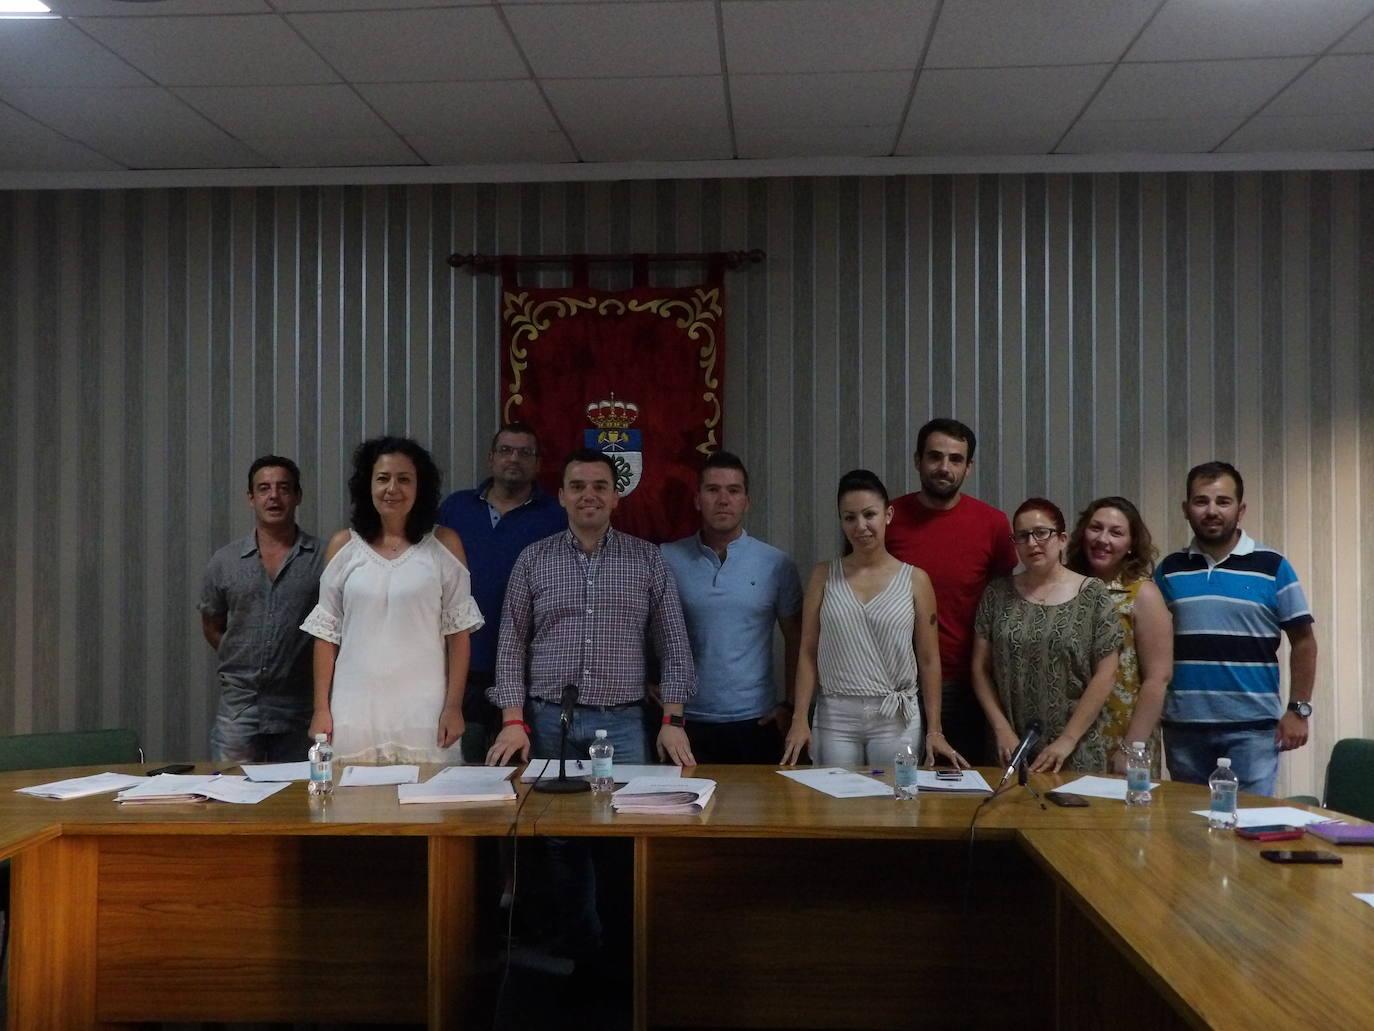 El alcalde presentó la nueva corporación municipal con los ediles de cada concejalía